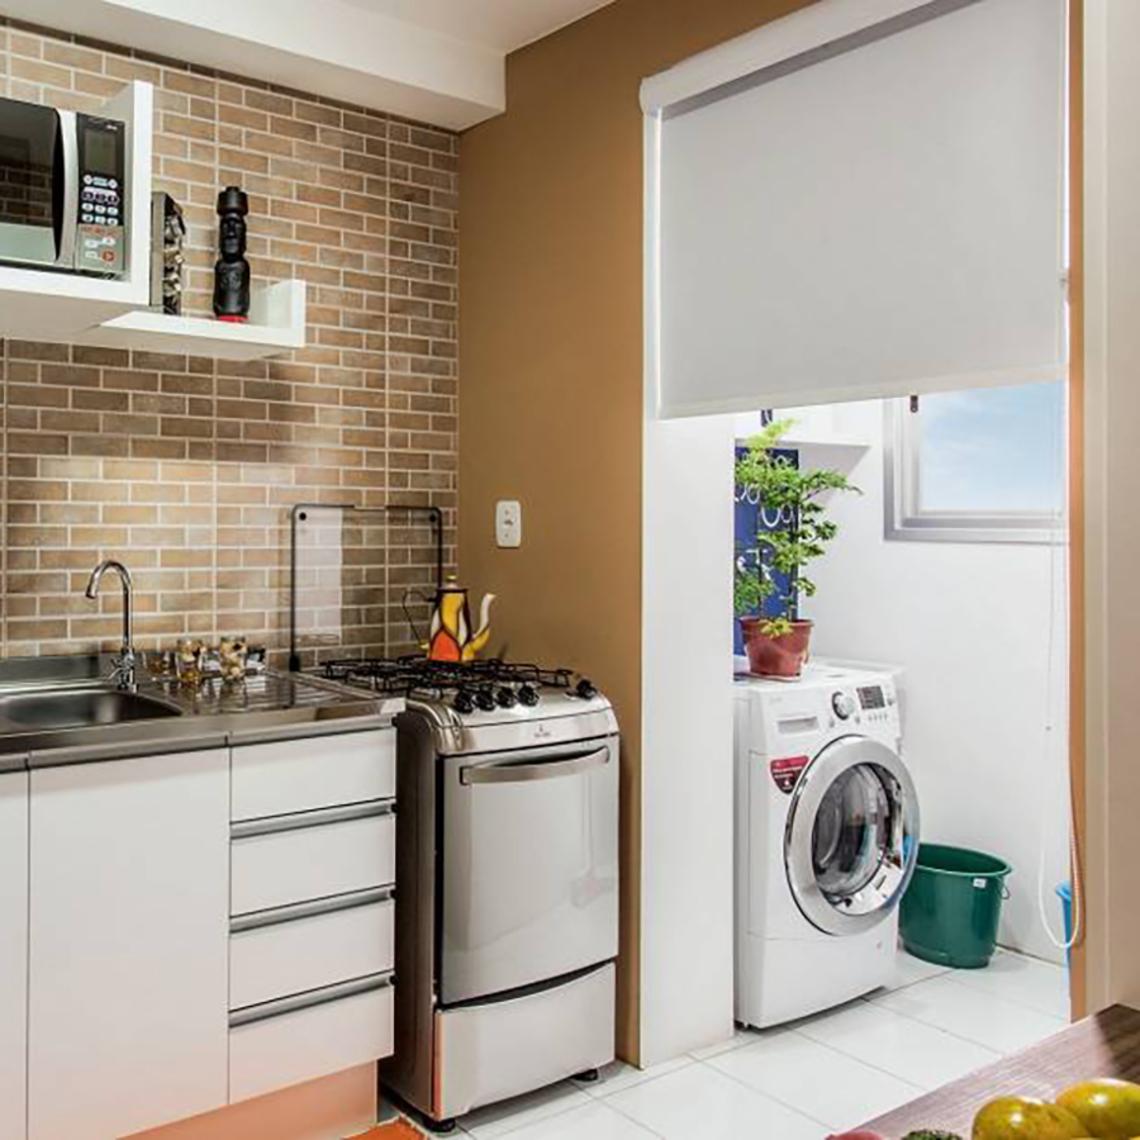 Divisoria De Vidro Entre Cozinha E Area De Servio Os Inclusive A